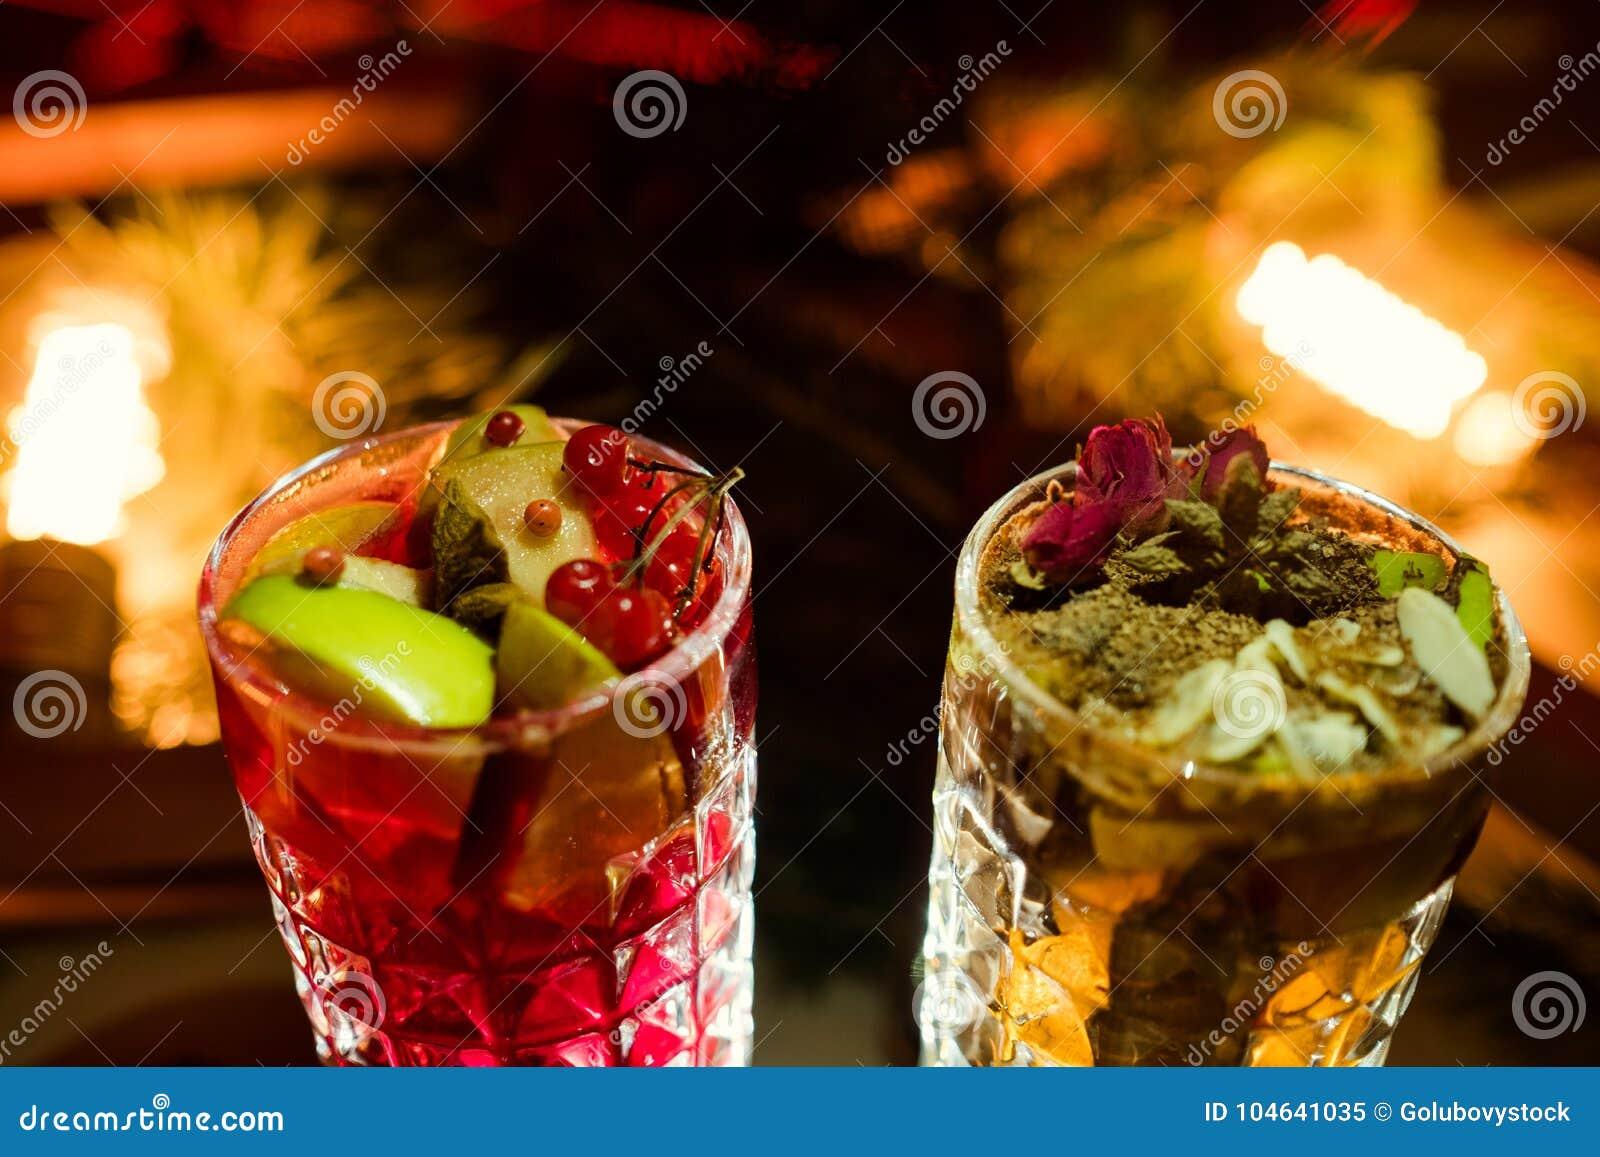 Download De Partij Drinkt Feestelijk Drankconcept Stock Afbeelding - Afbeelding bestaande uit pret, gathering: 104641035